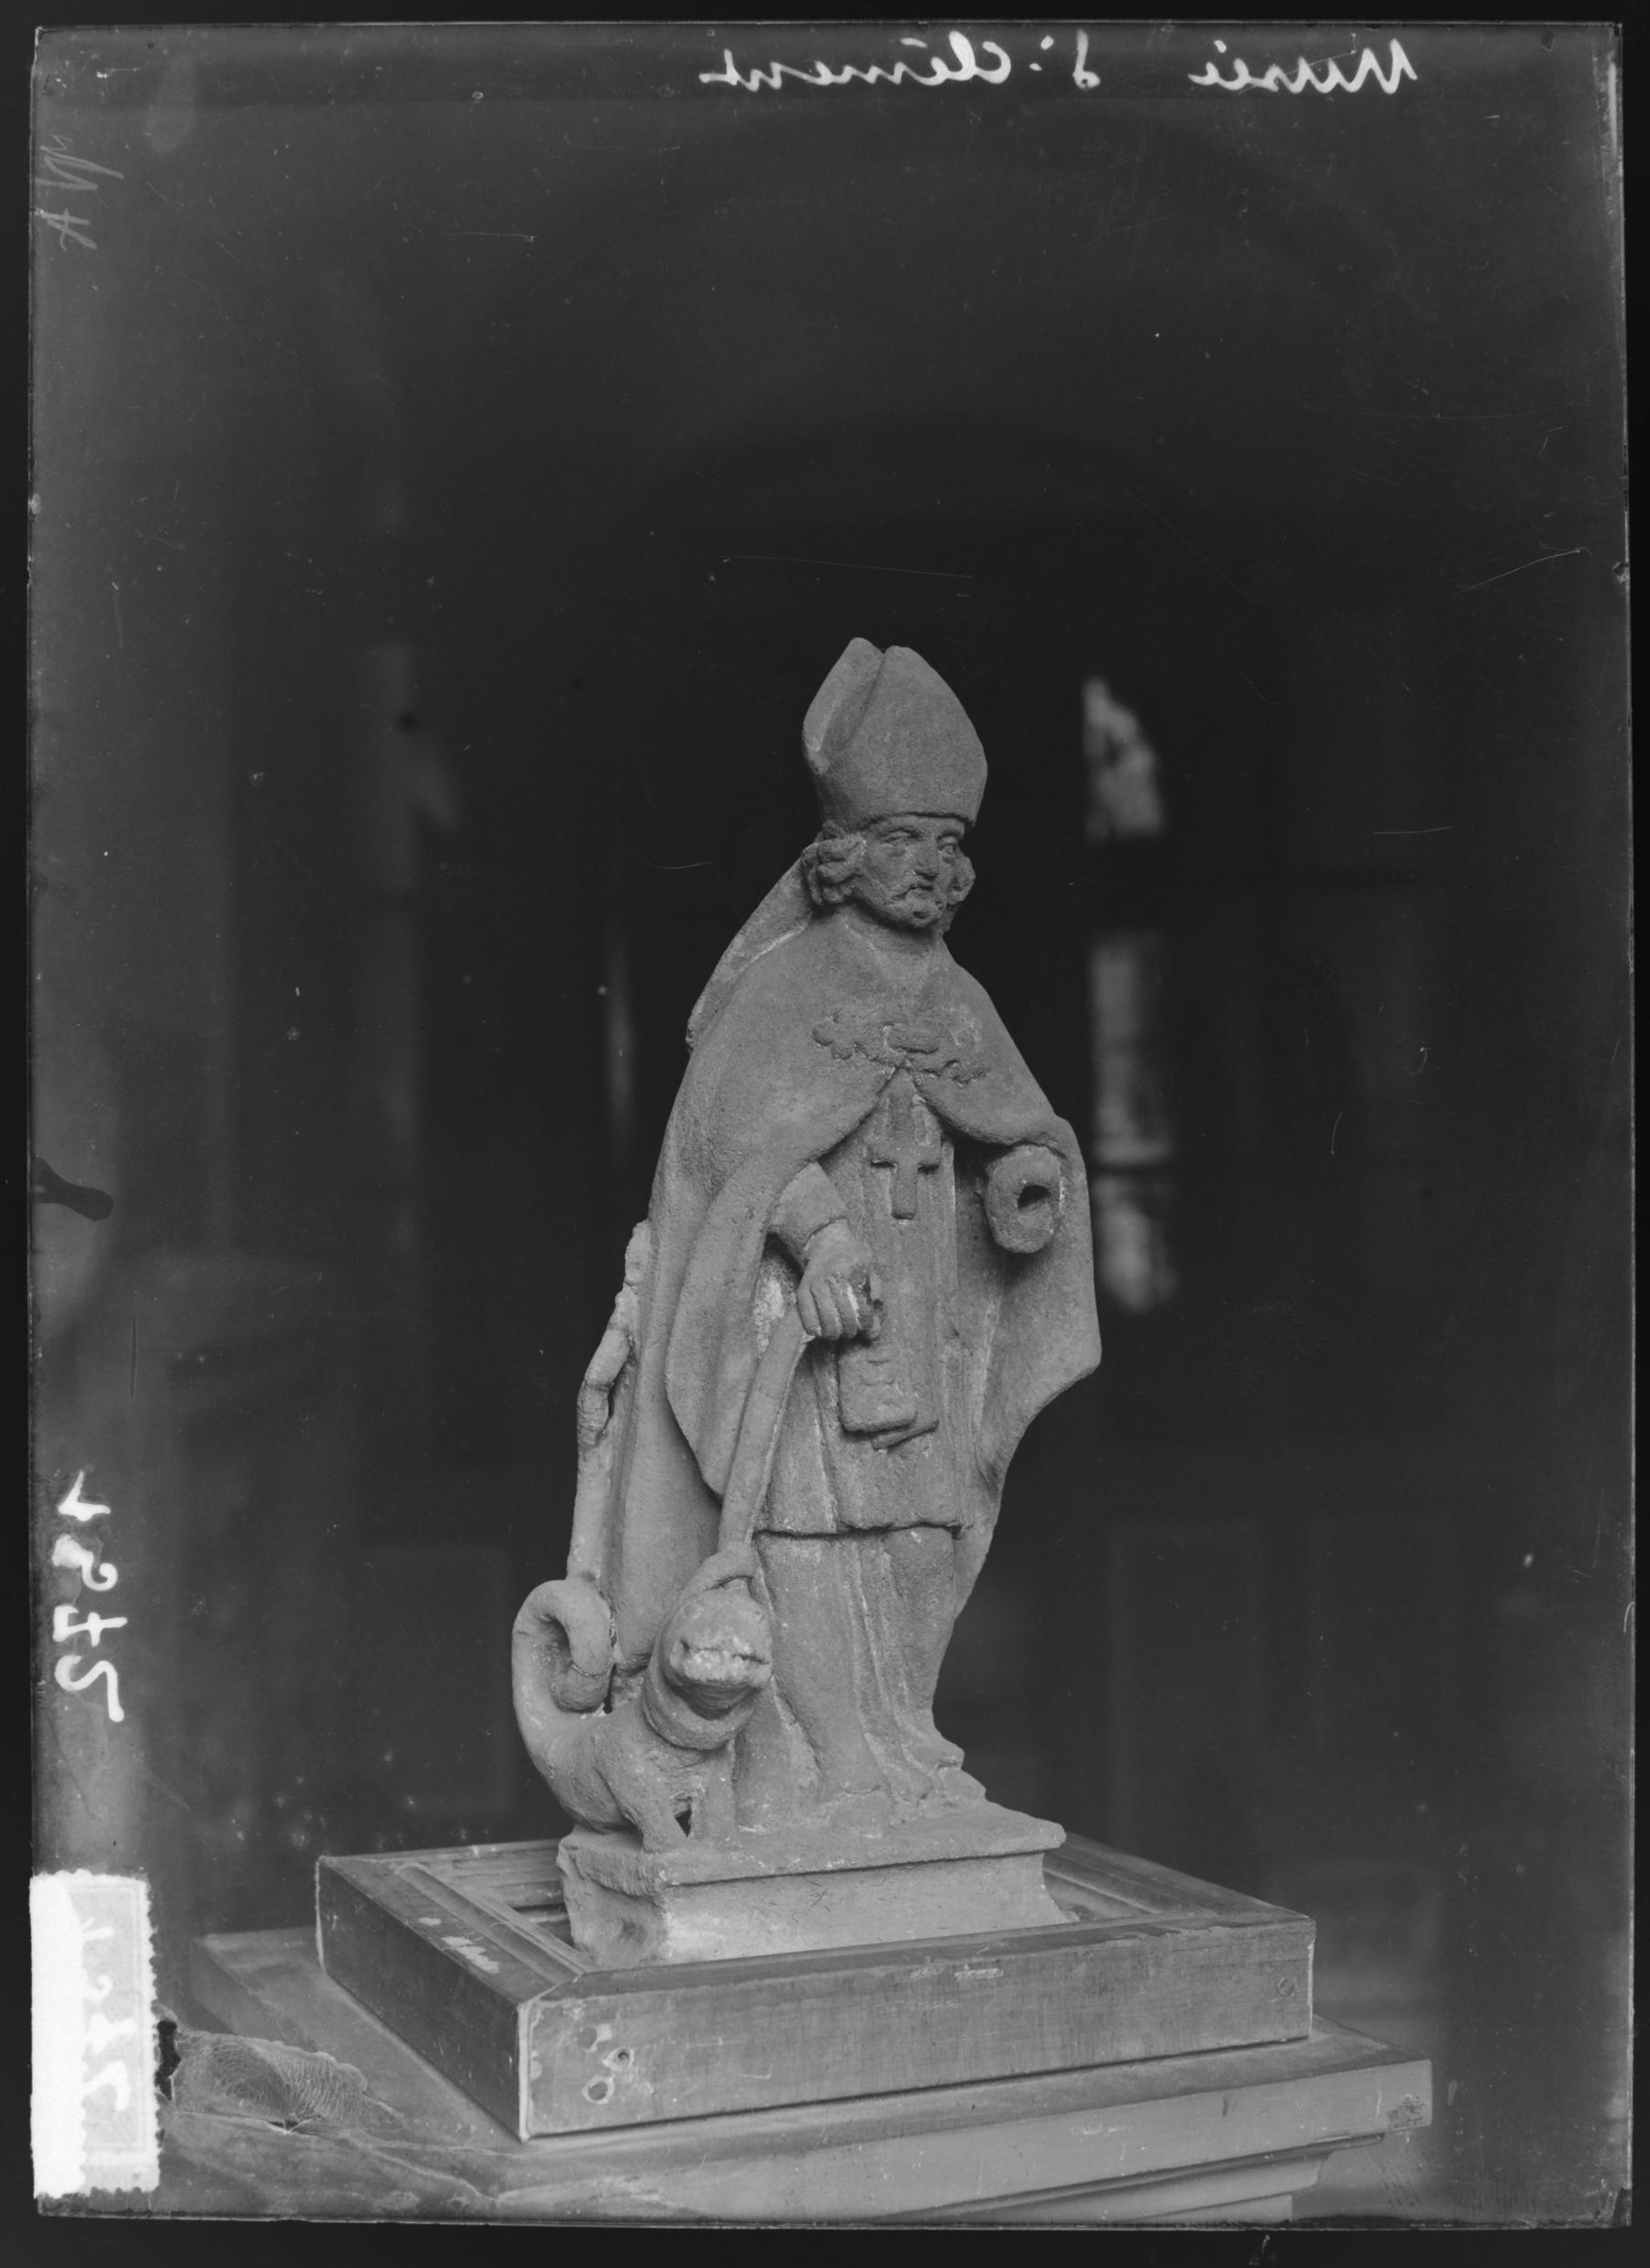 Contenu du Statue représentant Saint-Clément tenant le Graoully avec son étole